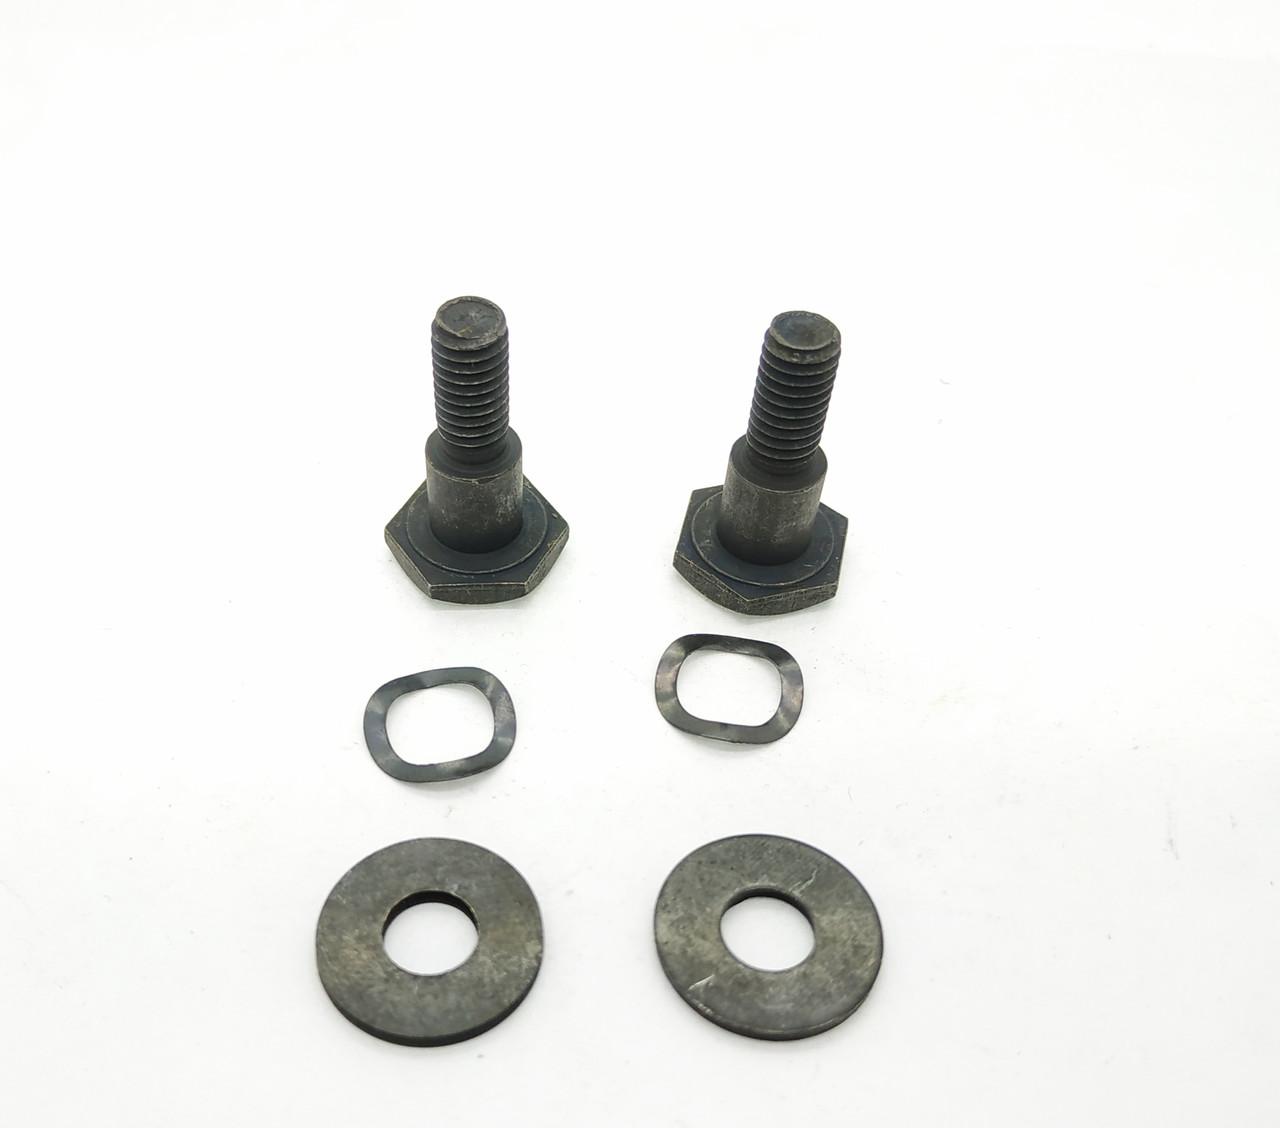 Болты сцепления для мотокос серии 260-330, бензоопрыскивателя